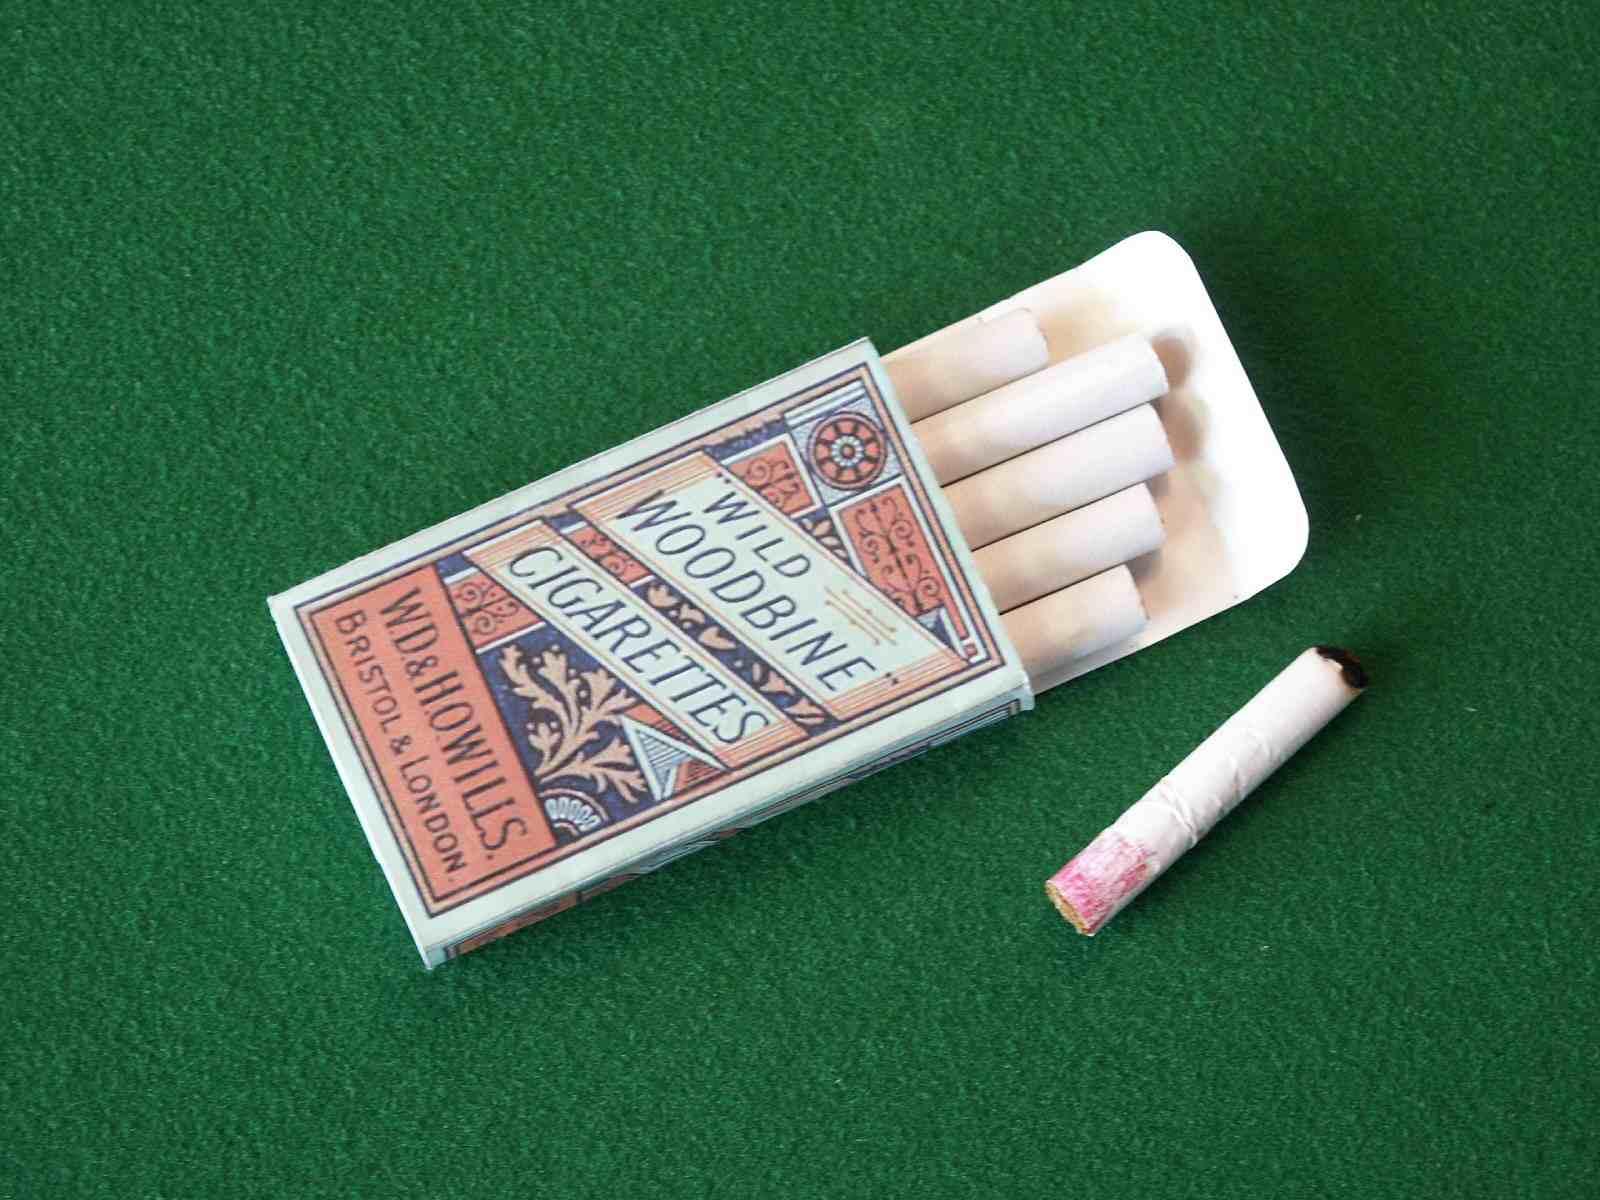 Can i buy cigarettes Marlboro in mexico